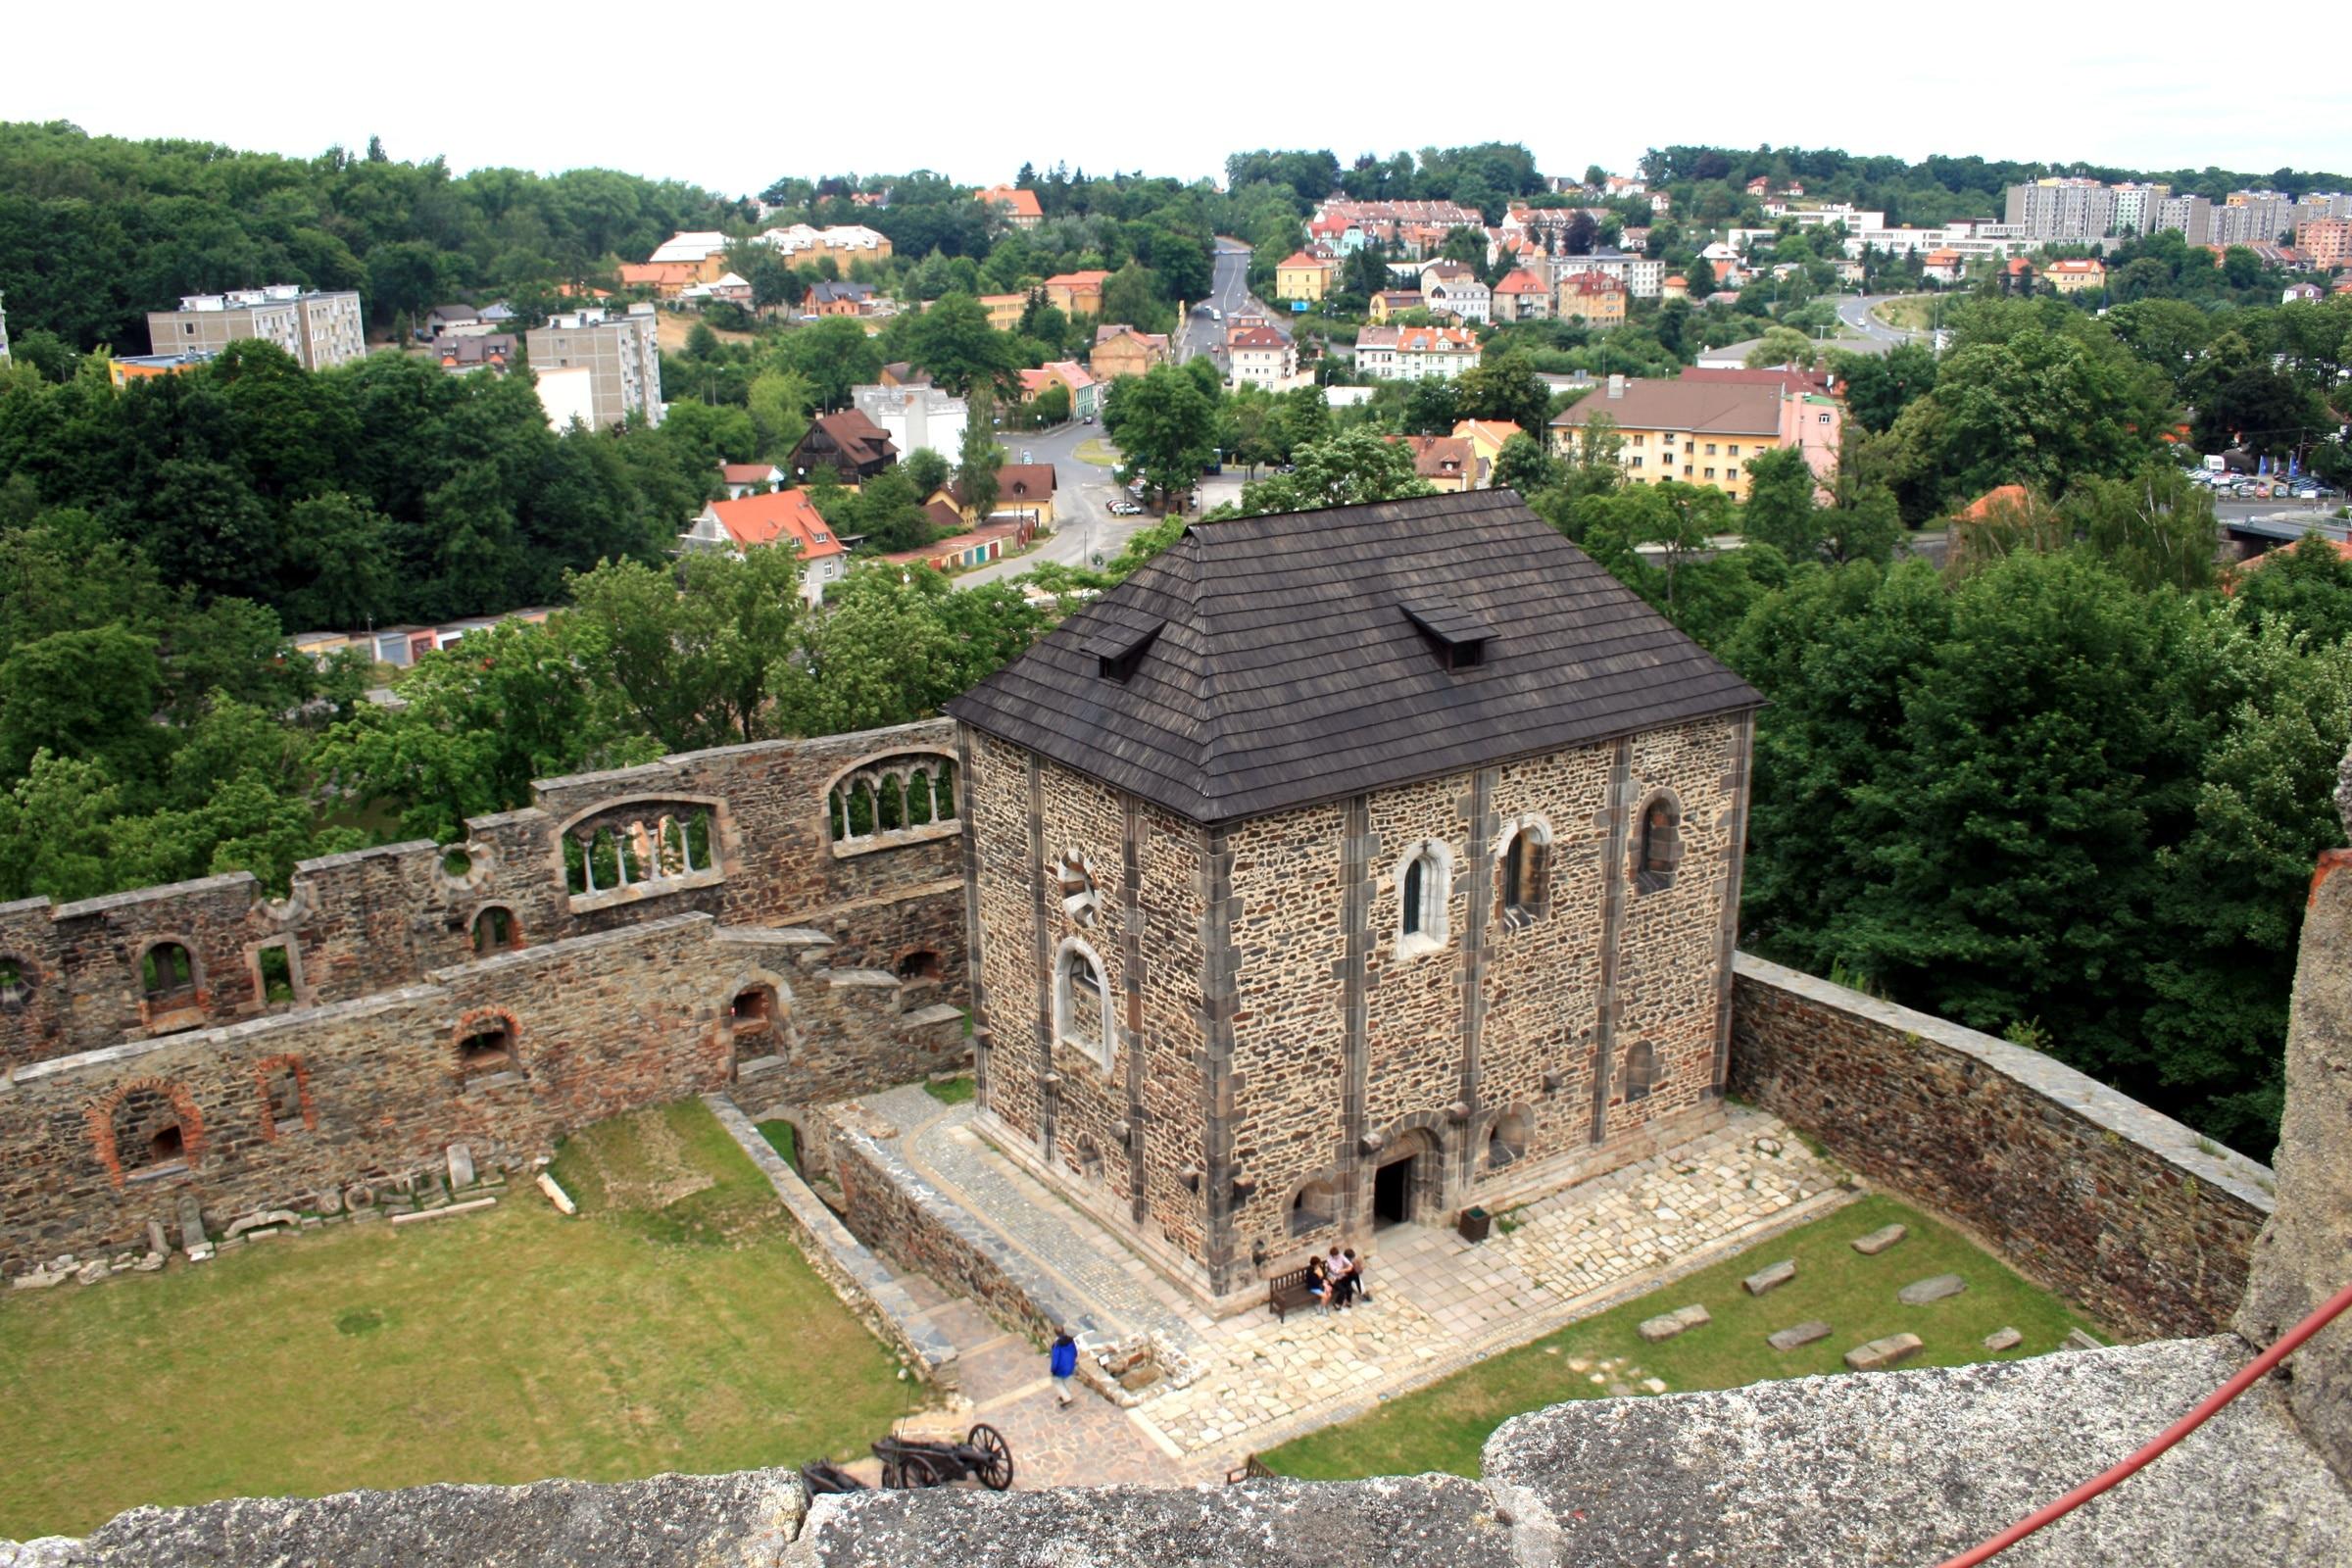 Cheb, Karlovy Vary (region), Tjeckien